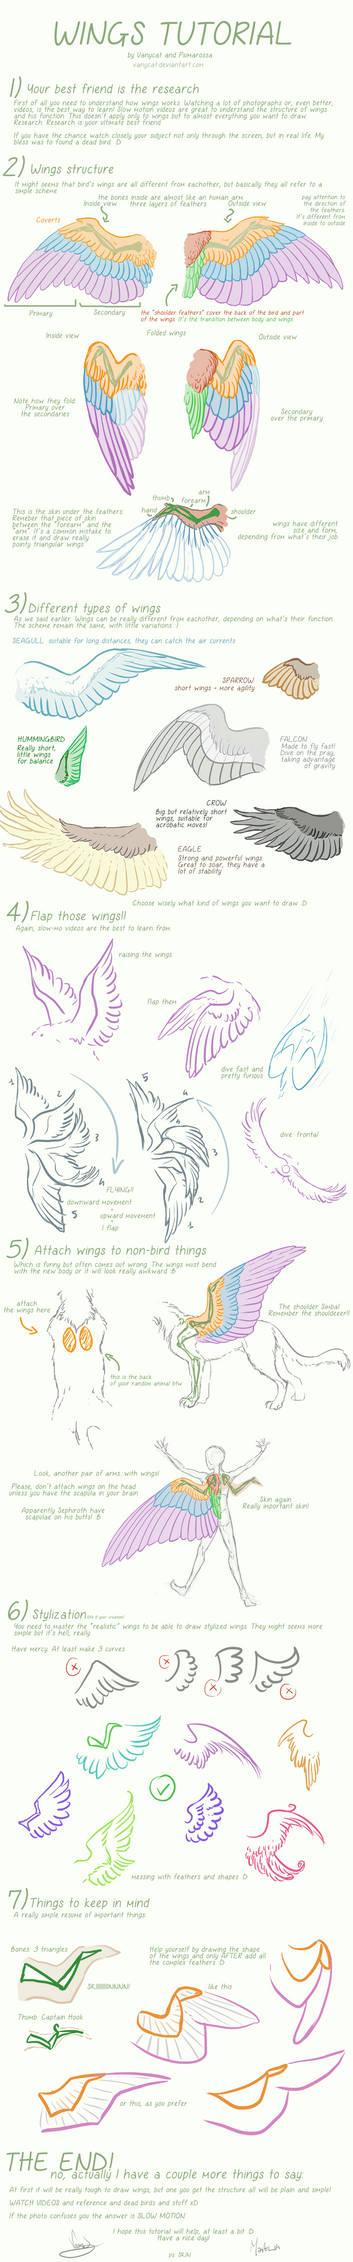 Wings Tutorial by Vanycat